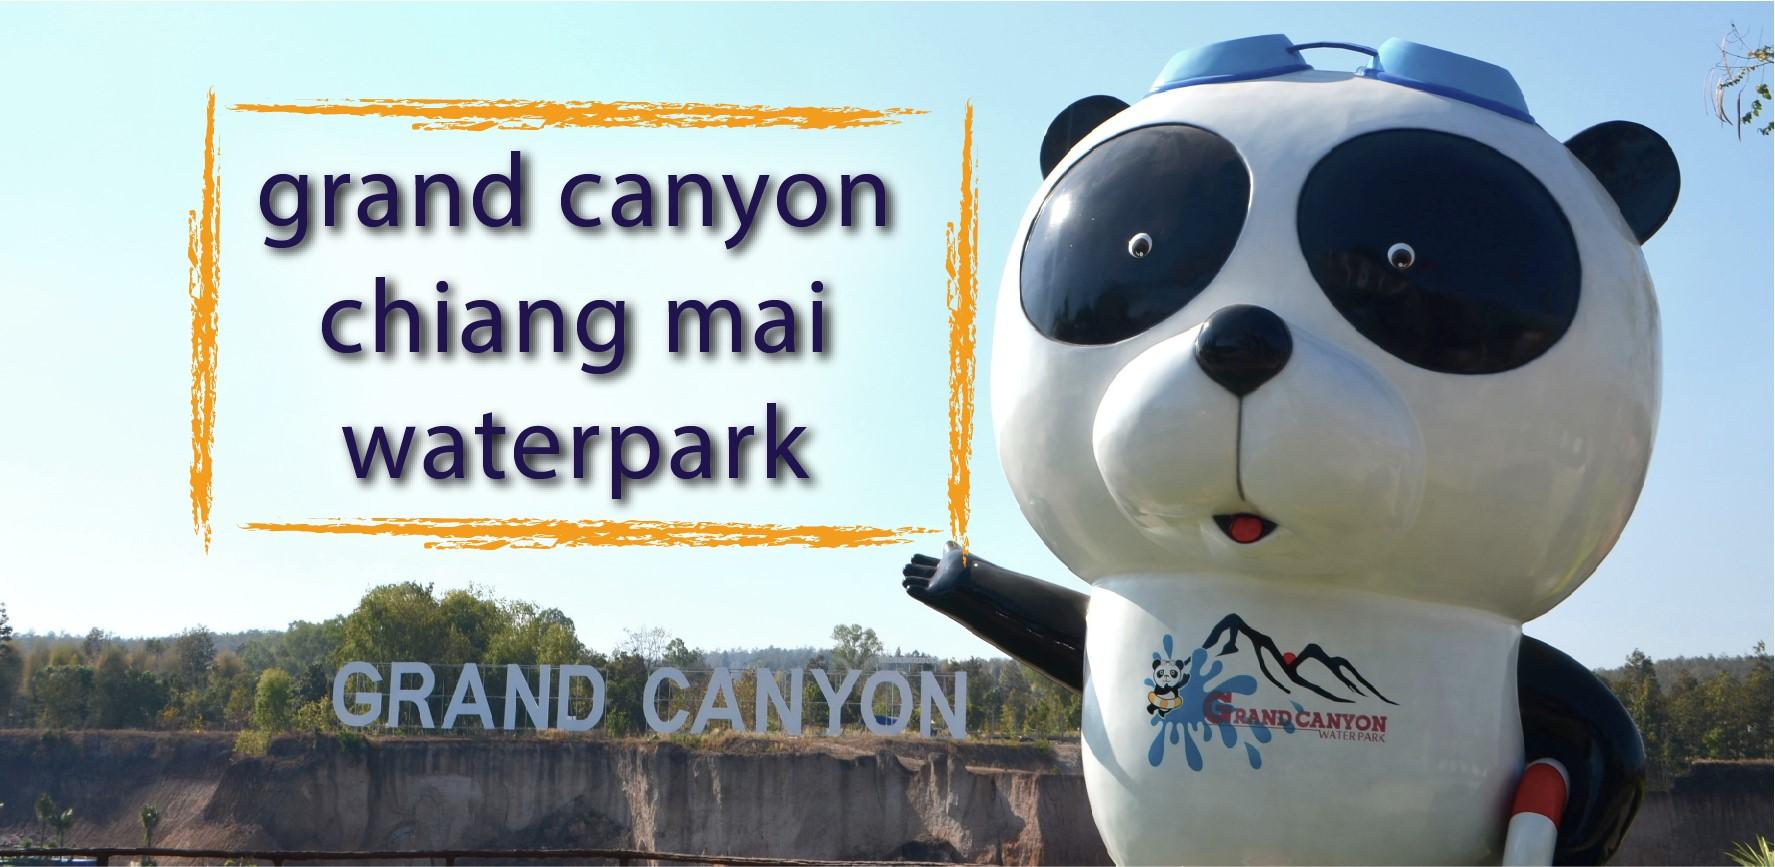 Chiang Mai Grand Canyon Water Park